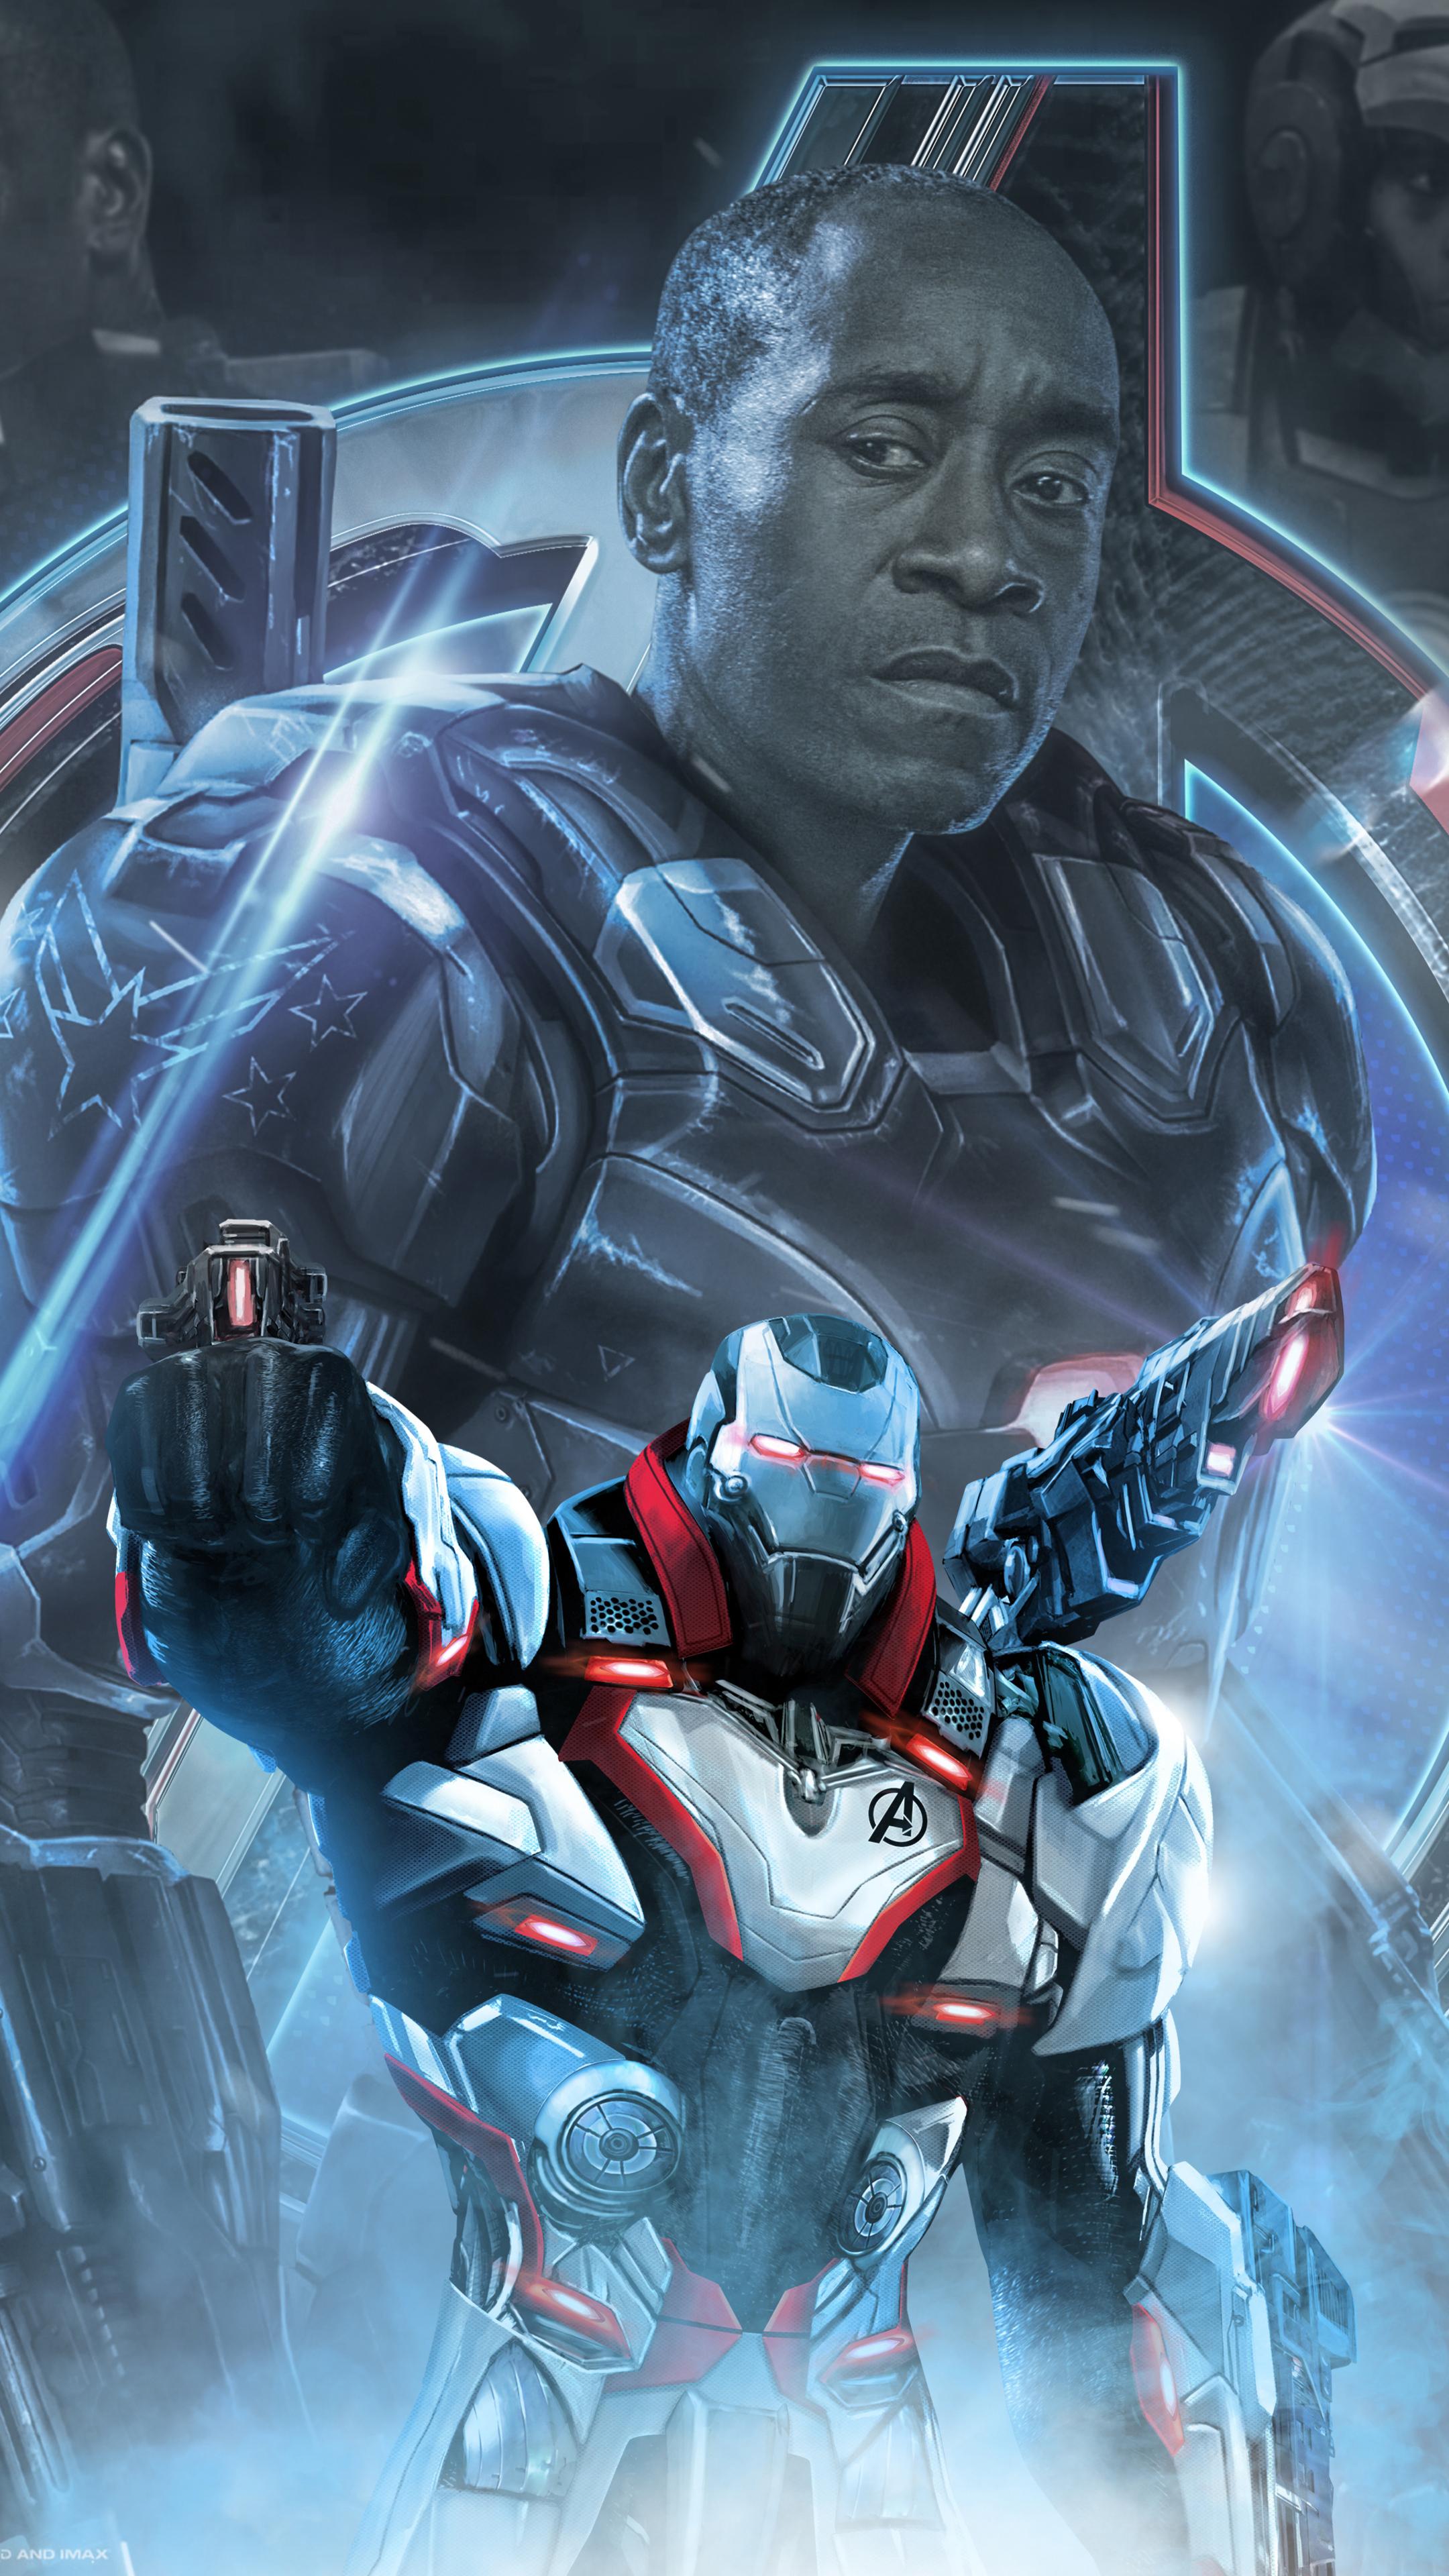 war-machine-in-avengers-endgame-2019-of.jpg